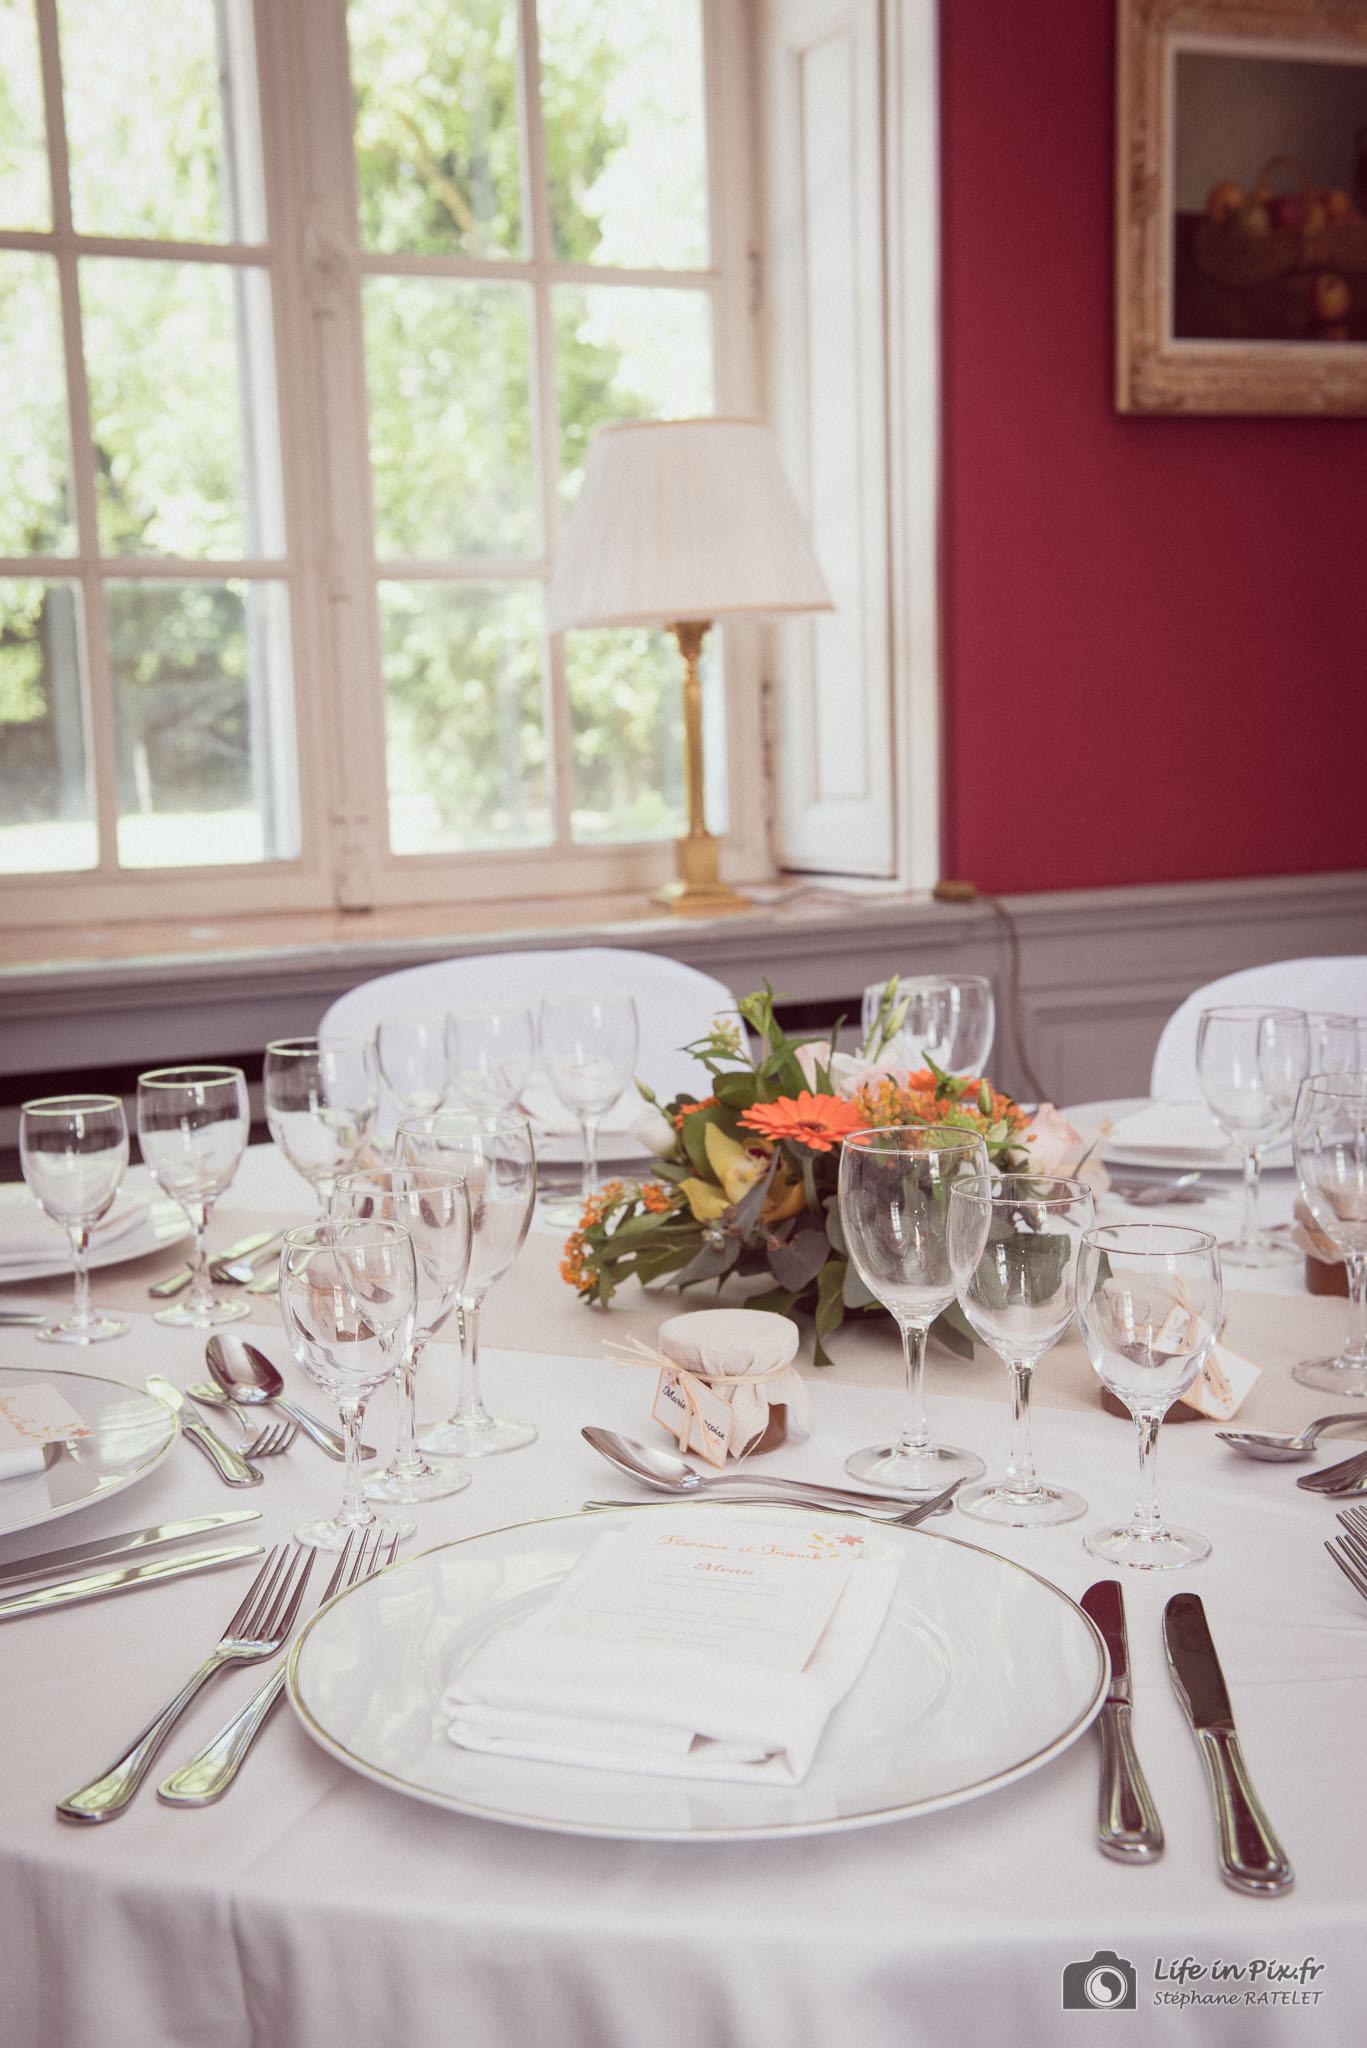 décoration de table - organisatrice de mariage compiègne chantilly oise